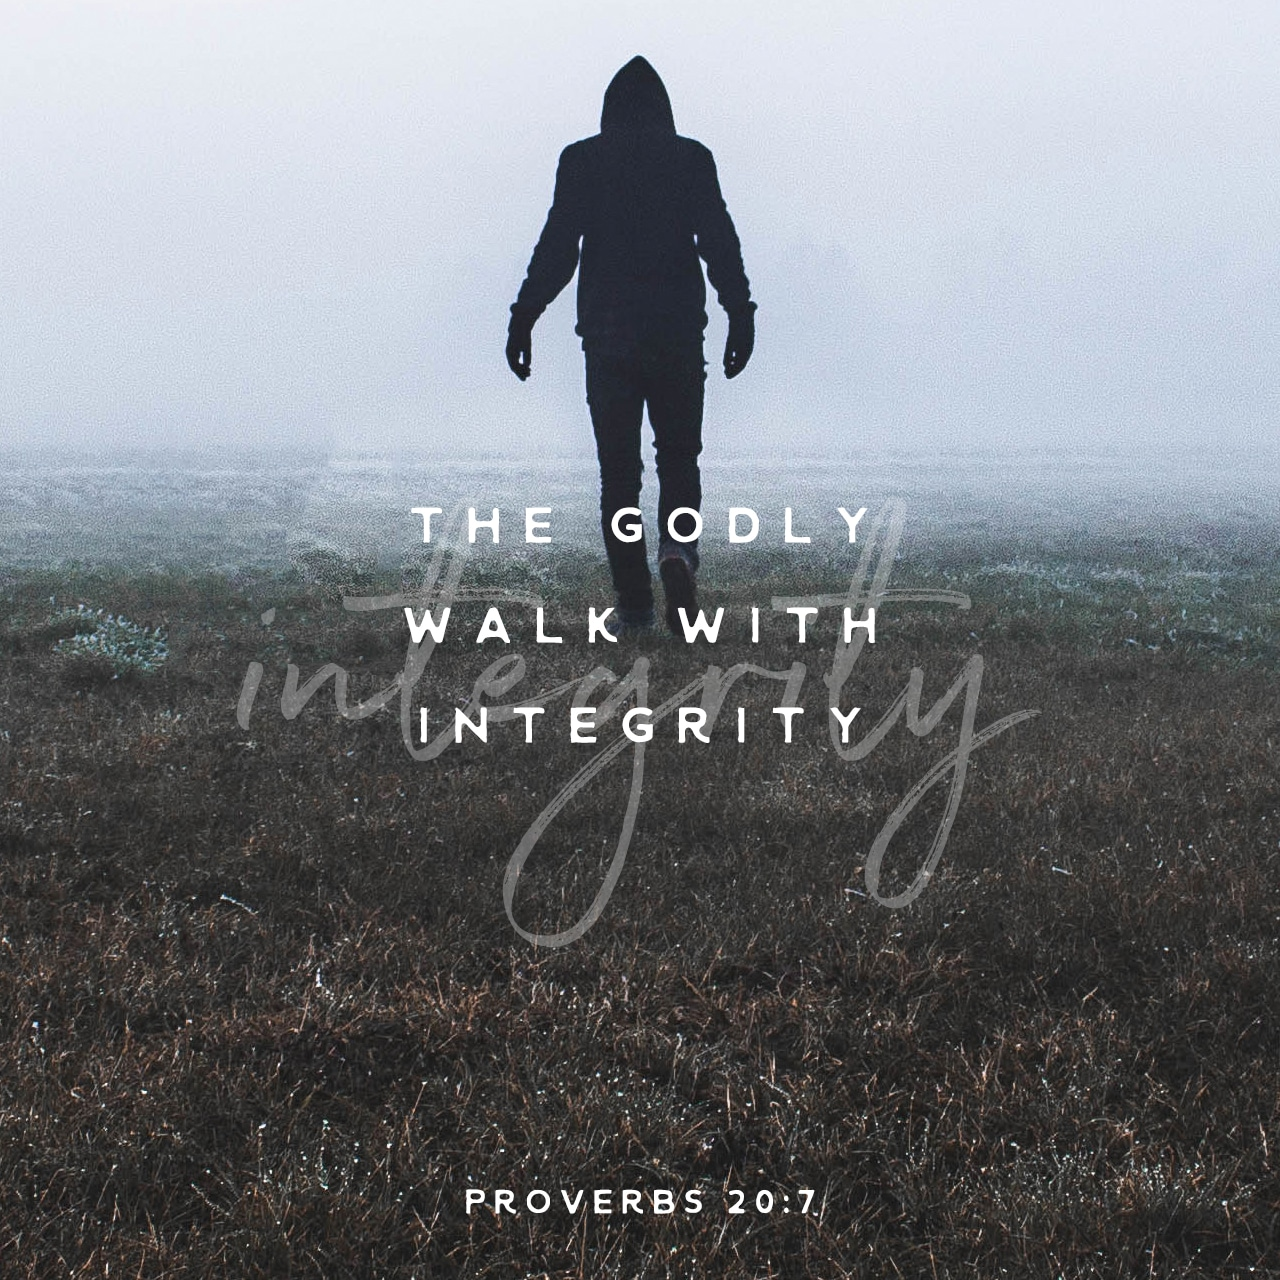 Proverbs 20:7